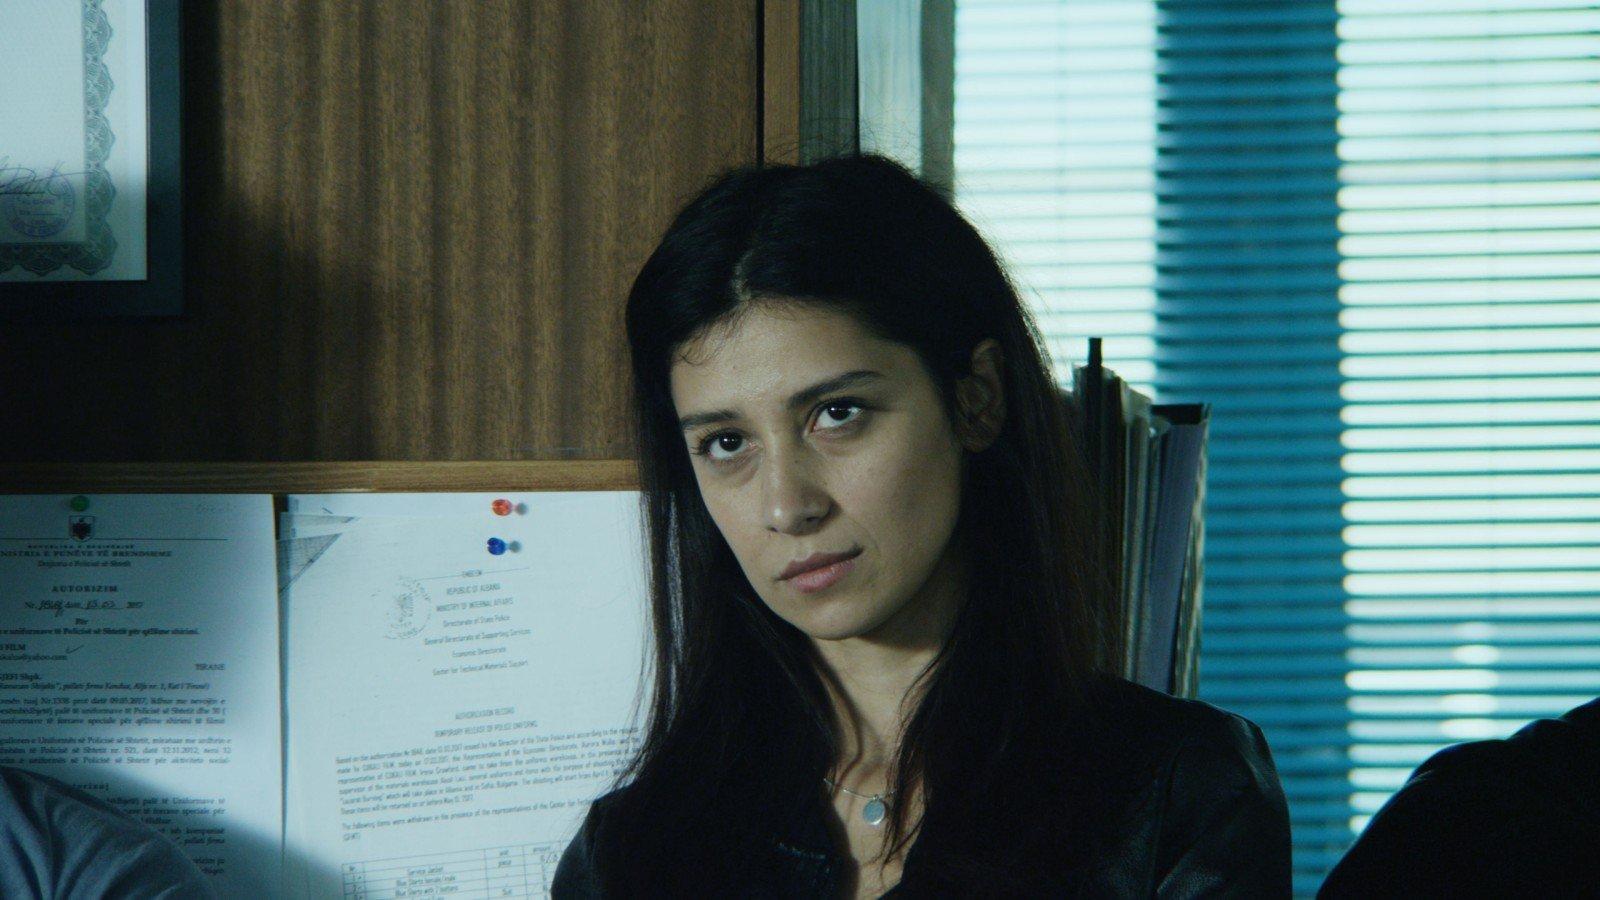 Я впервые играла воина: Равшана Куркова презентовала боевик «Последний бросок»